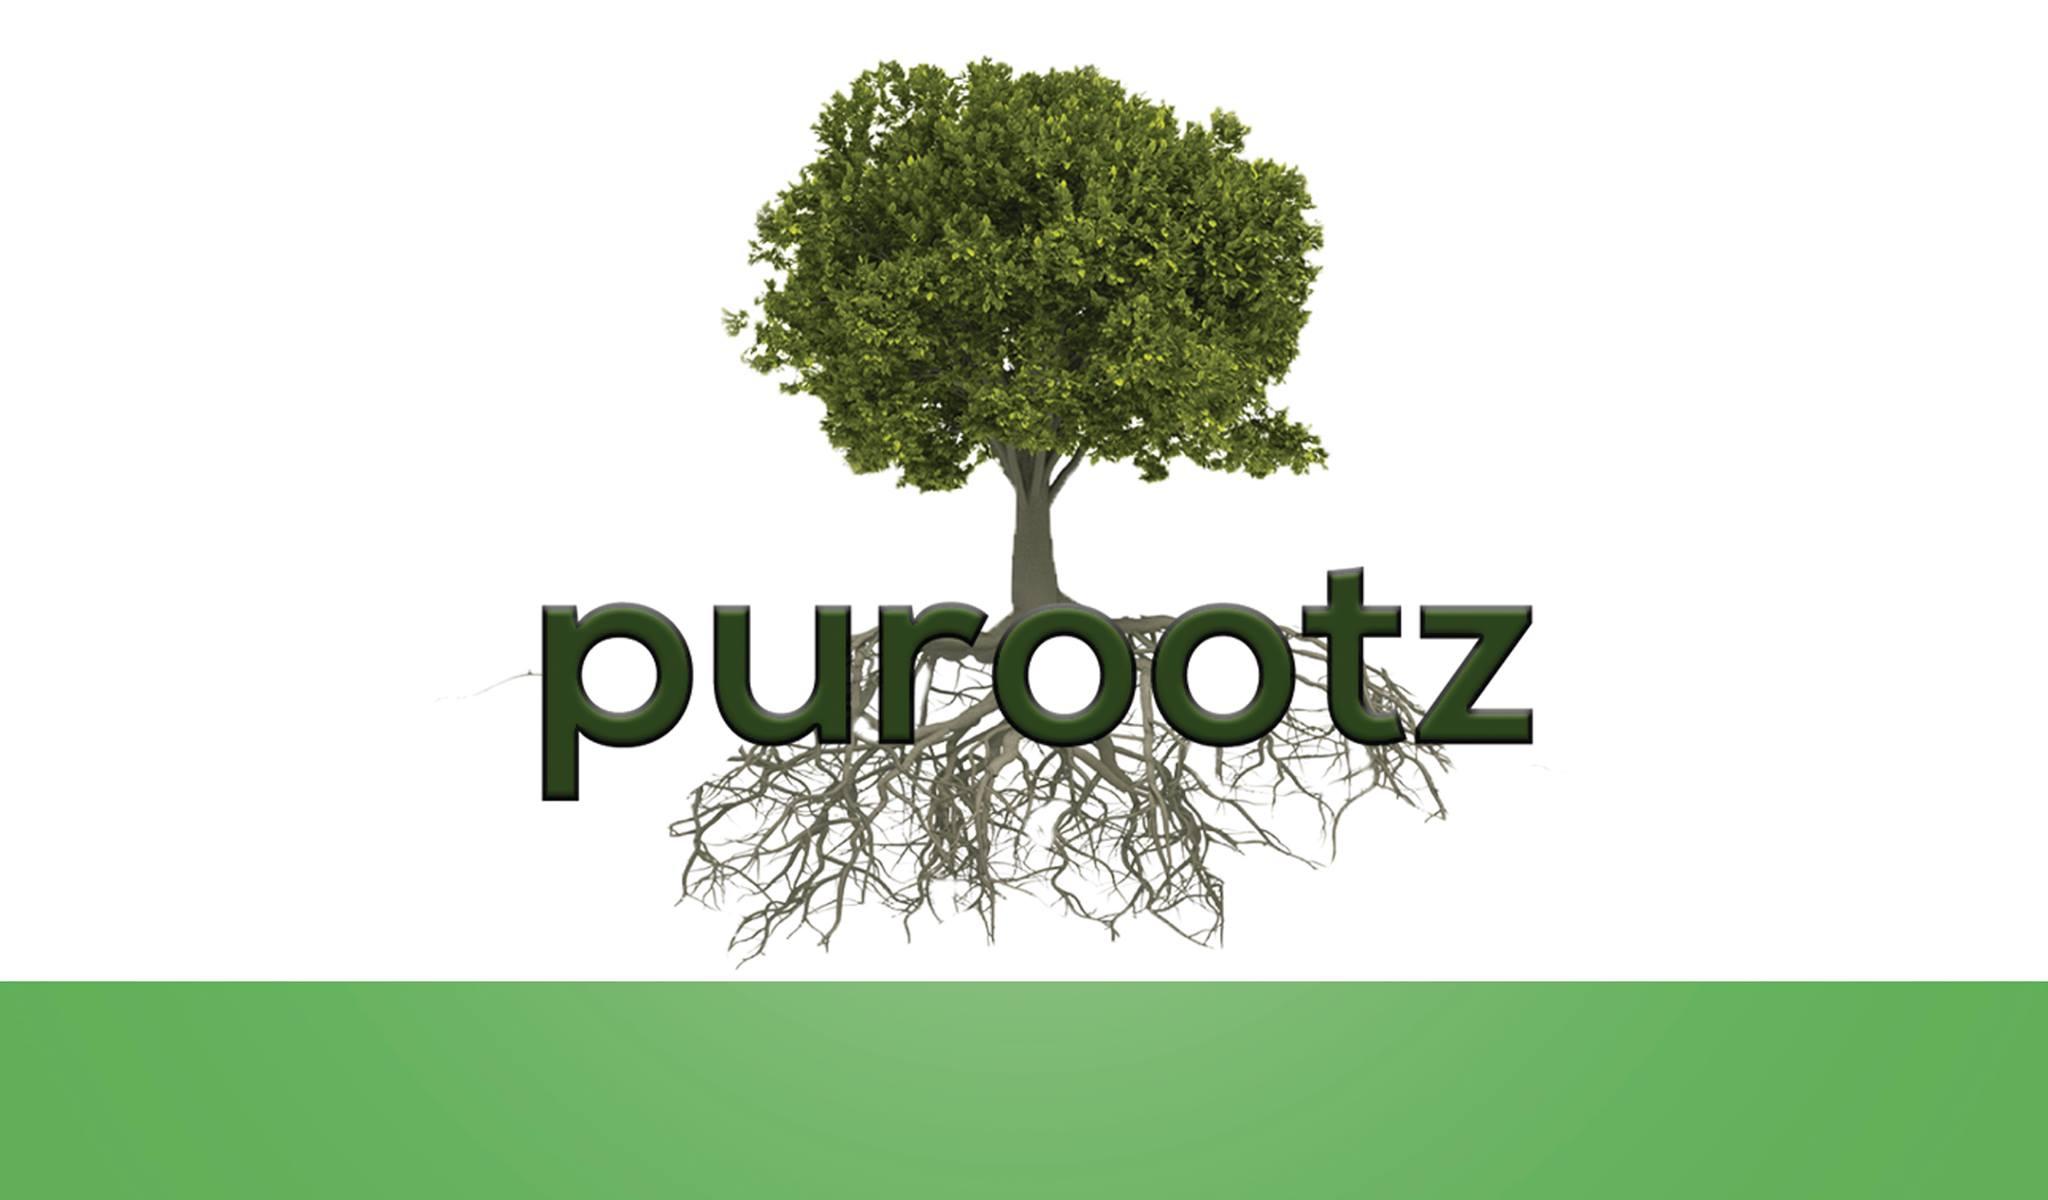 Purootz Hair food Hair specialist